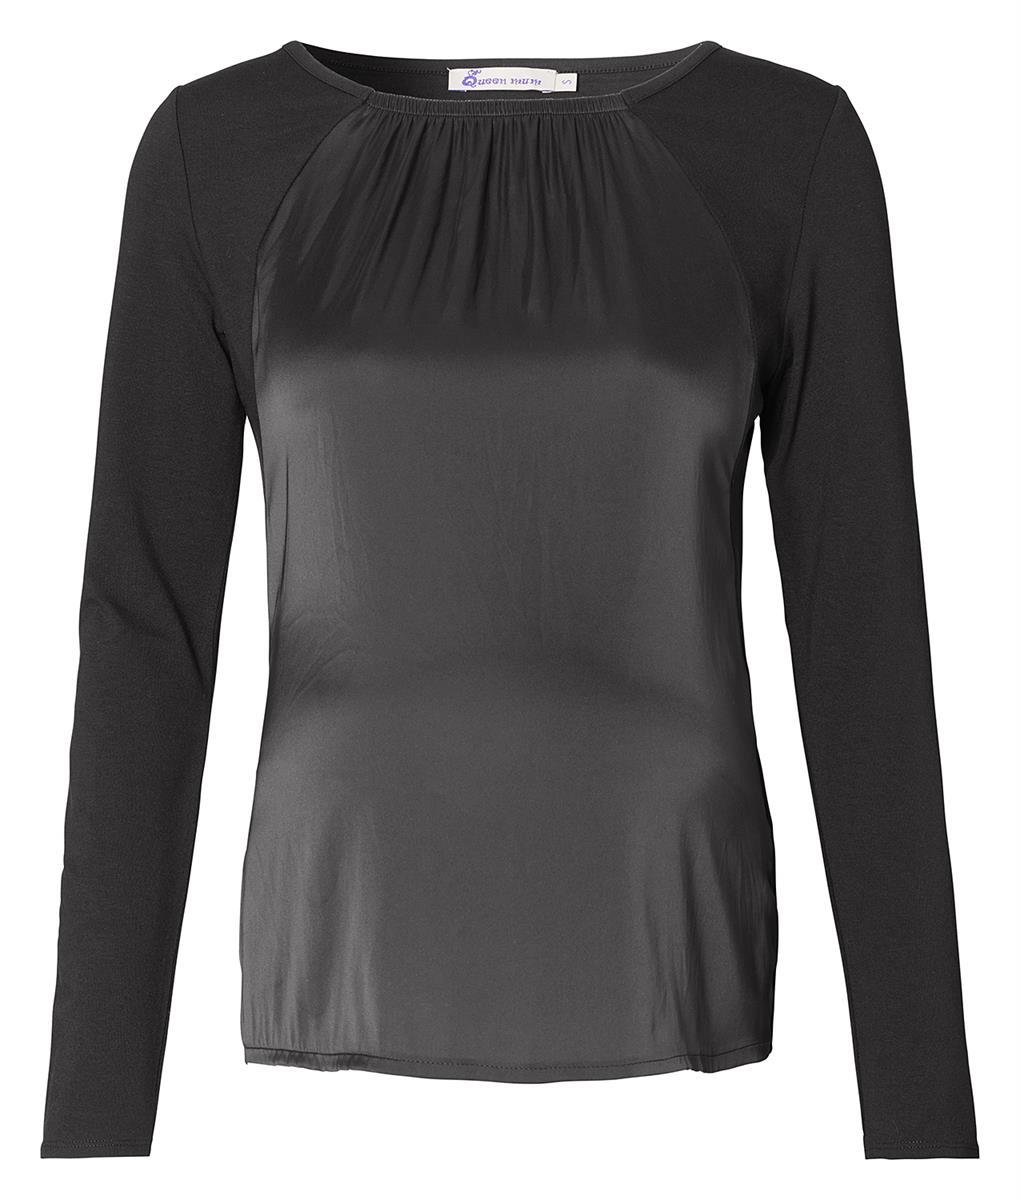 Shirt 7300.6220 d.grey